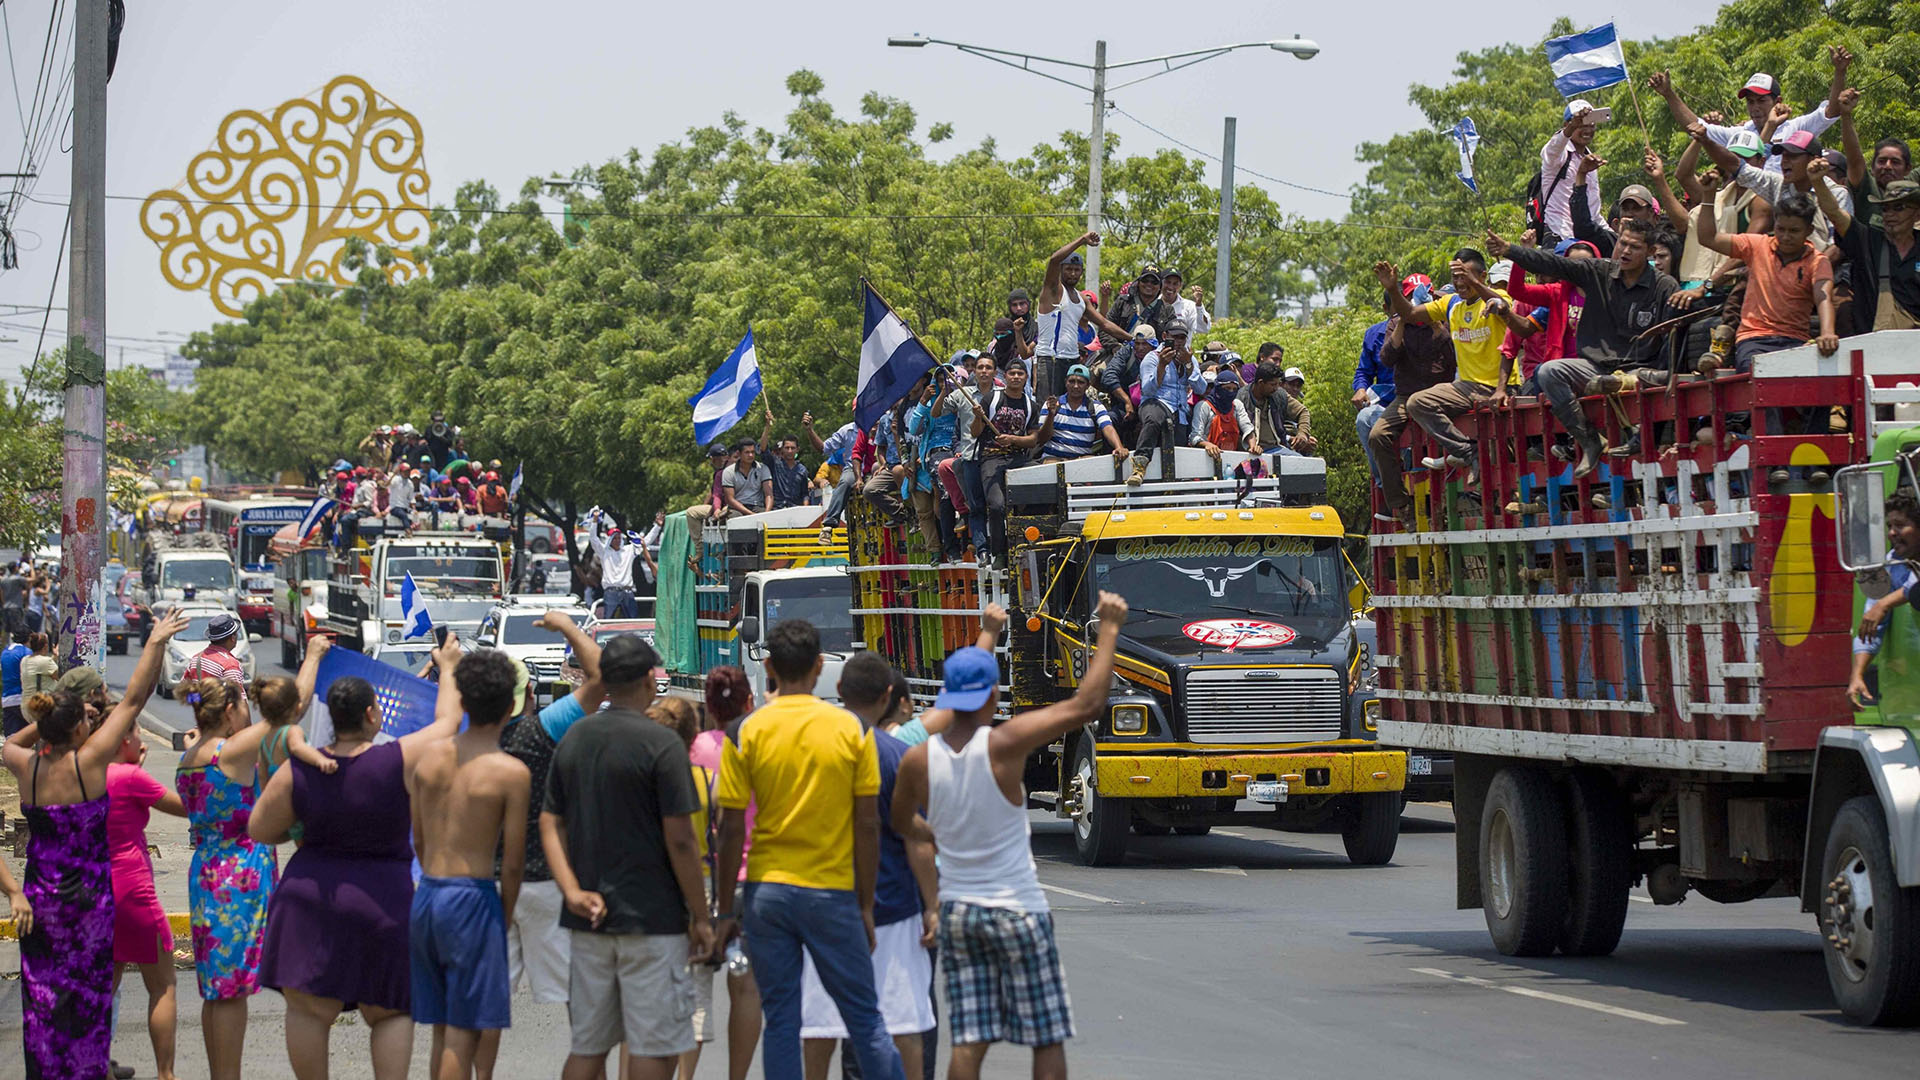 Campesinos llegan a Managua para respaldar la rebelión cívica de los estudiantes. Foto: Jorge Torres | Crédito: EFE